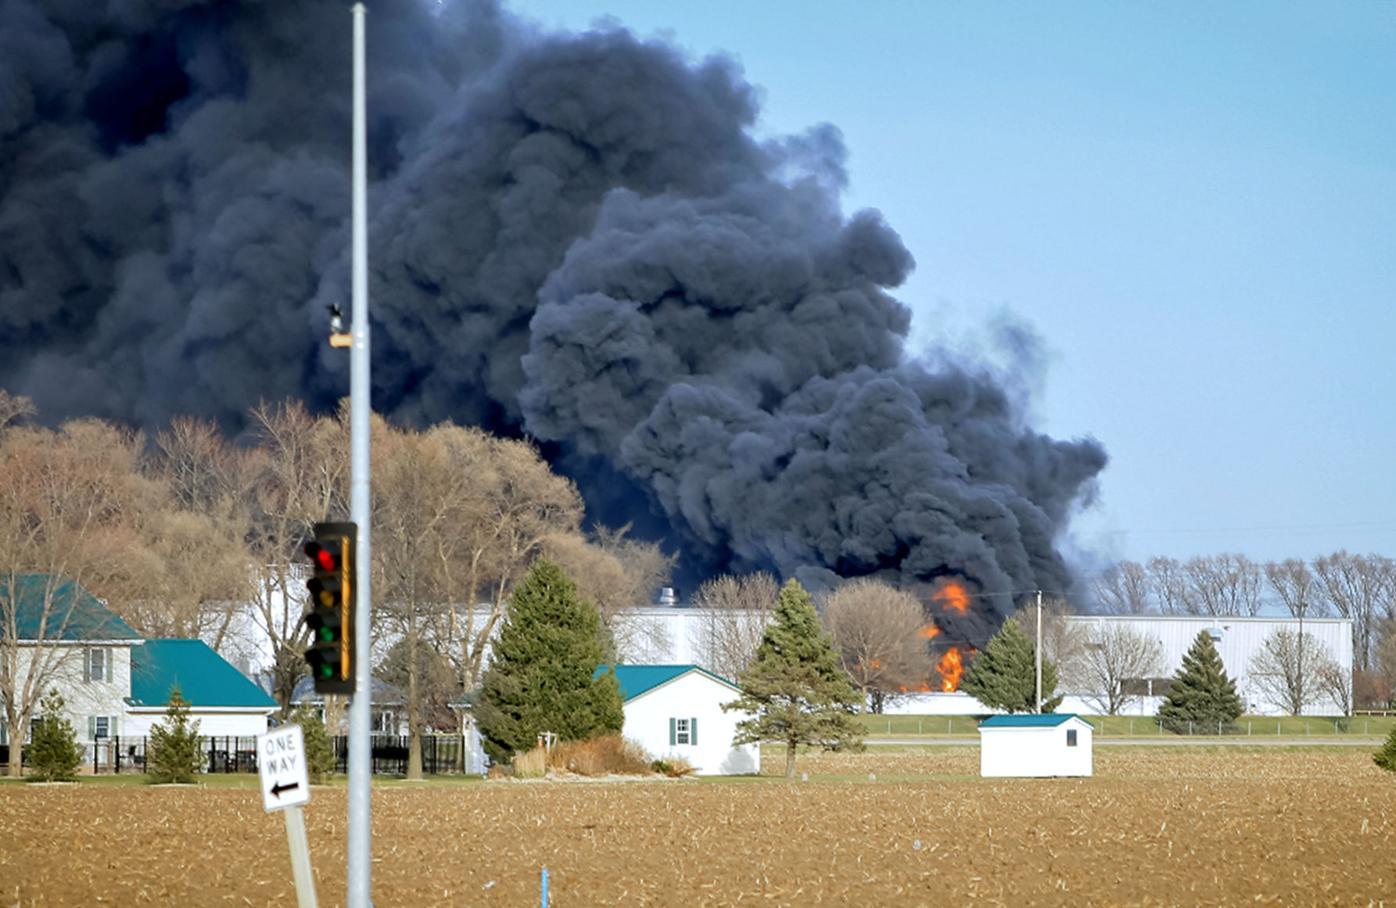 JVG_201119_FIRE02